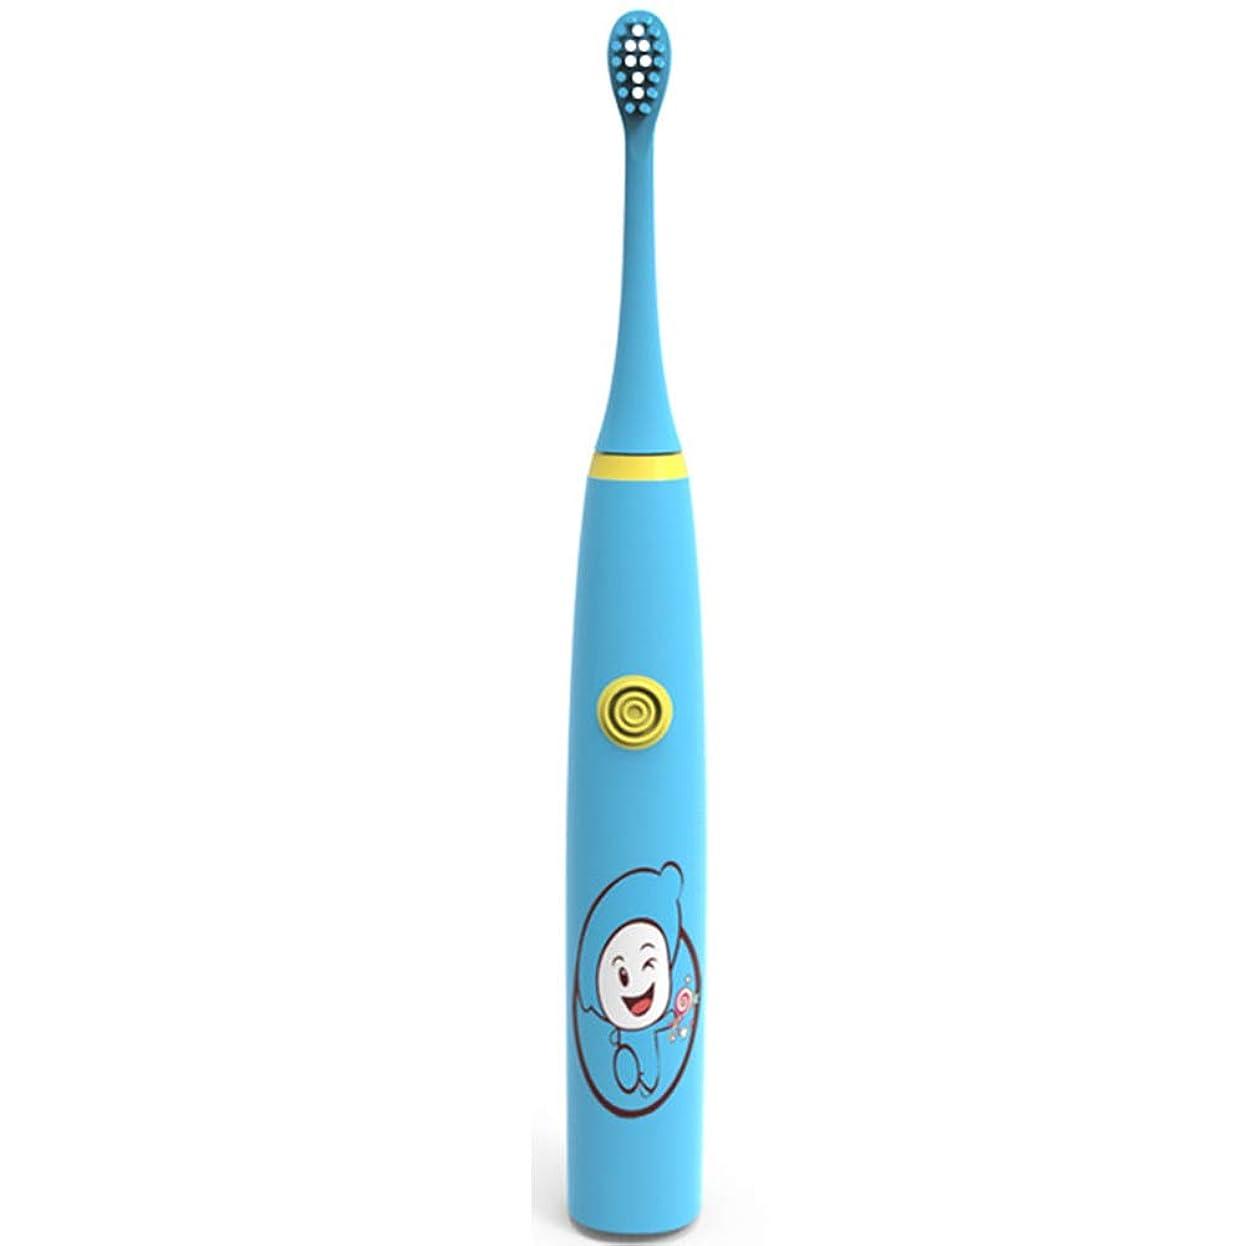 ベーコン複合ランドマーク子供のための超音波電動歯ブラシ、防水IPX7、デュポンの柔らかい毛、深いクリーニングの歯、ワイヤレス誘導充電